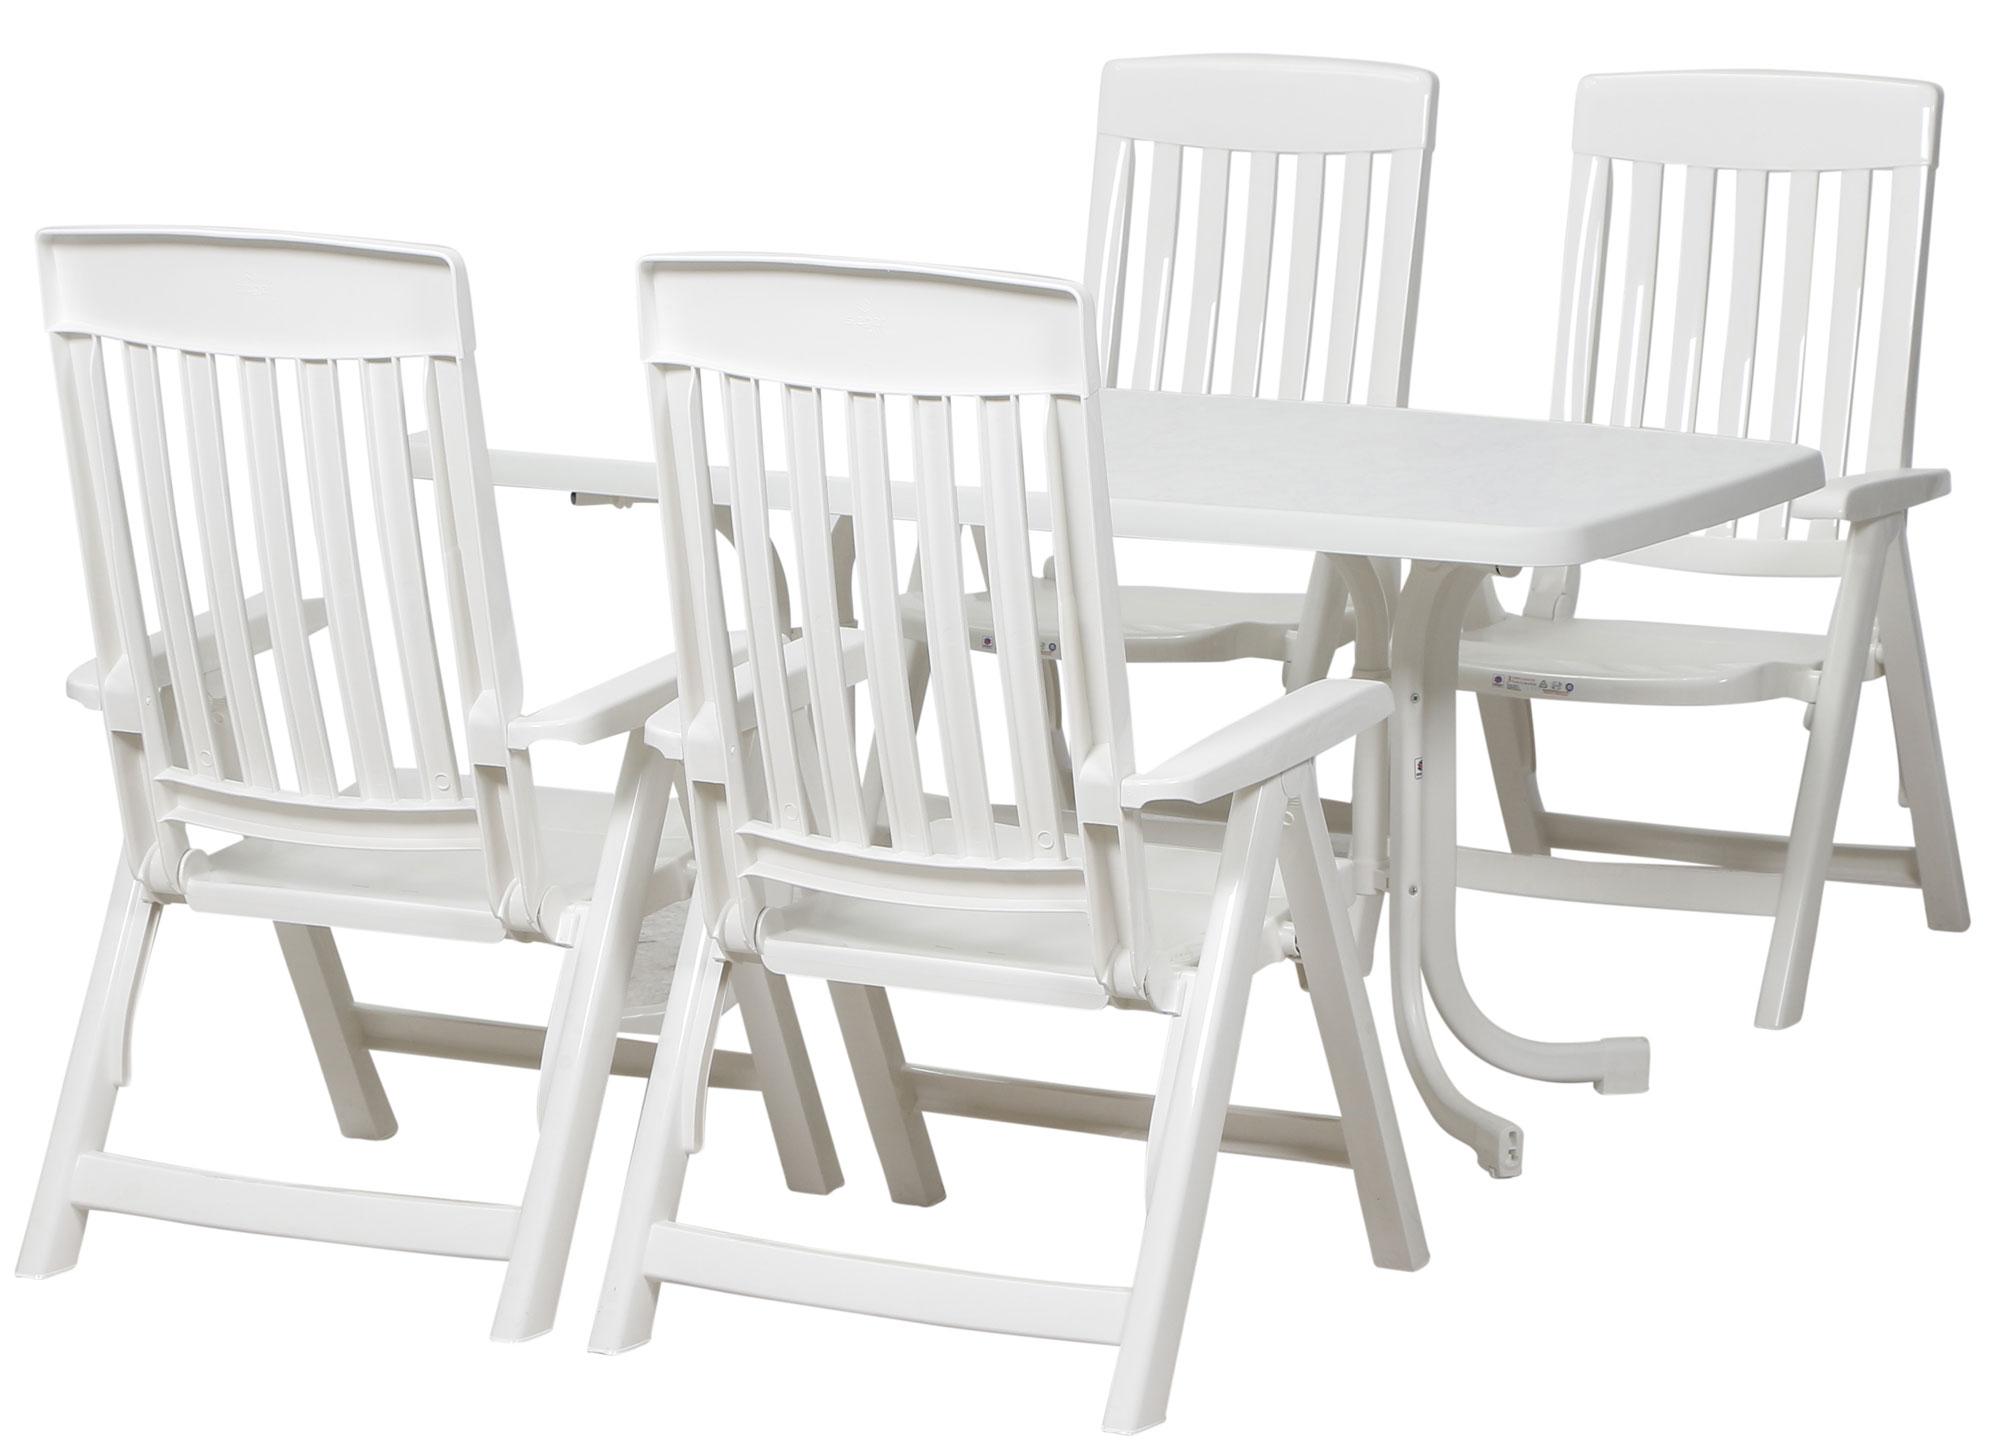 Gartenmöbel Set Palma SIEGER rechteckig Kunststoff / Stahl weiß 5 ...